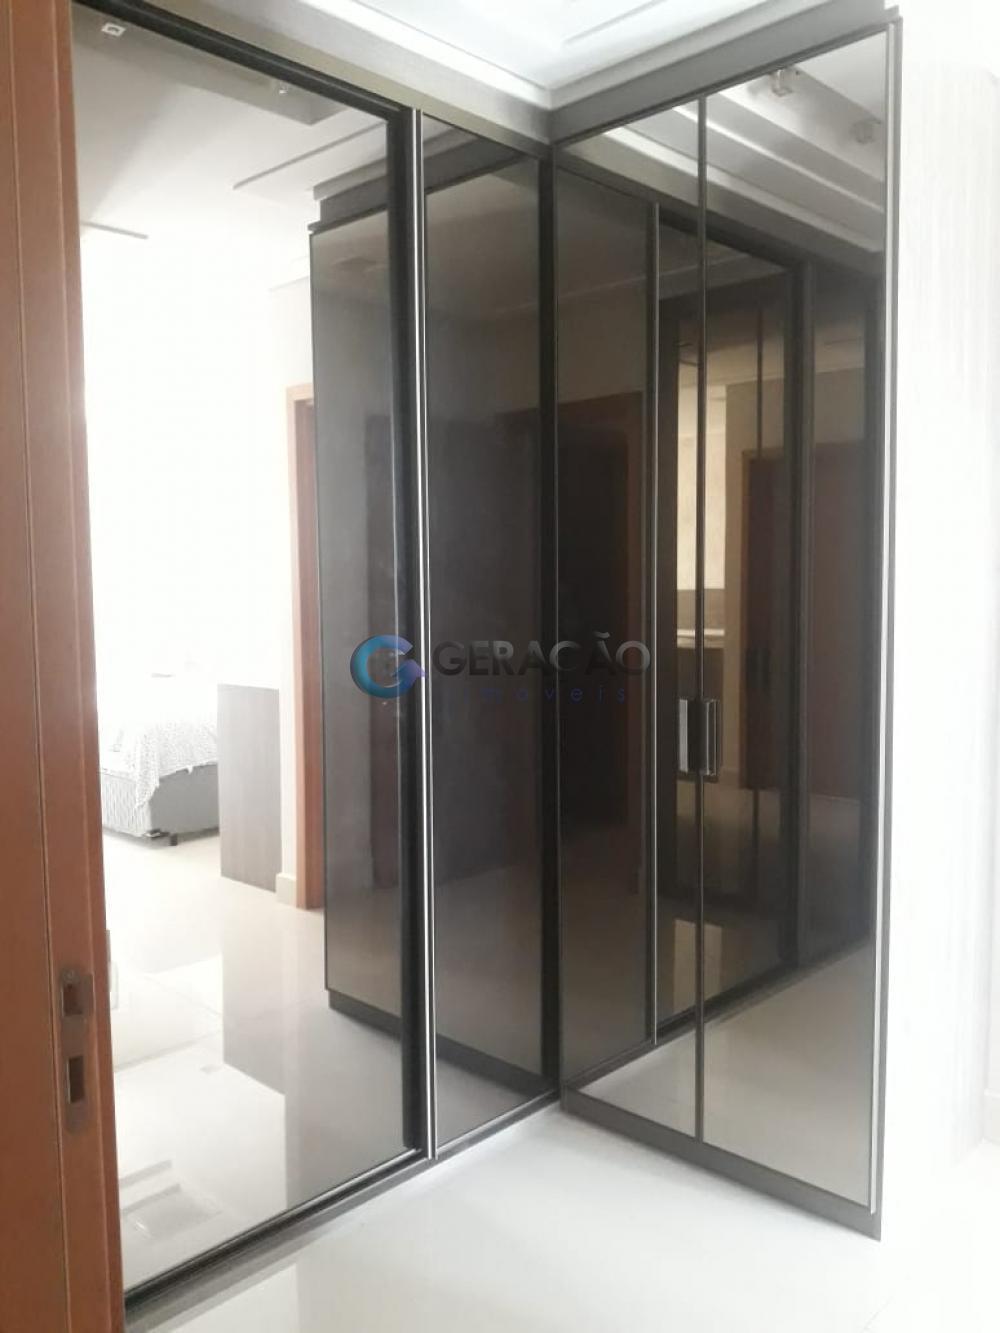 Alugar Apartamento / Padrão em São José dos Campos apenas R$ 7.000,00 - Foto 19